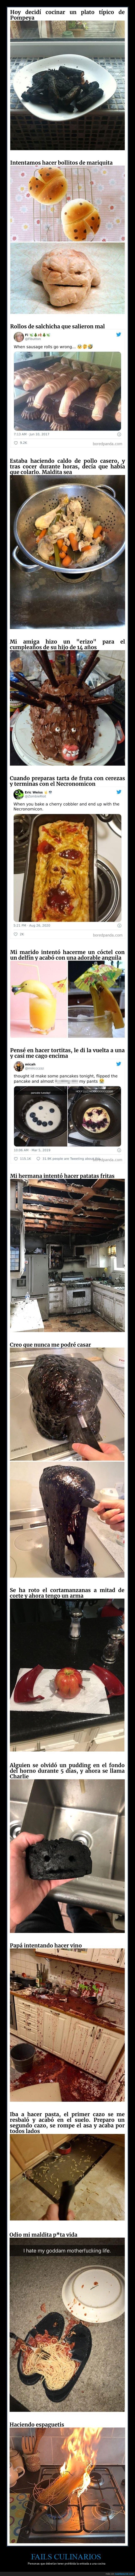 cocina,fails,platos